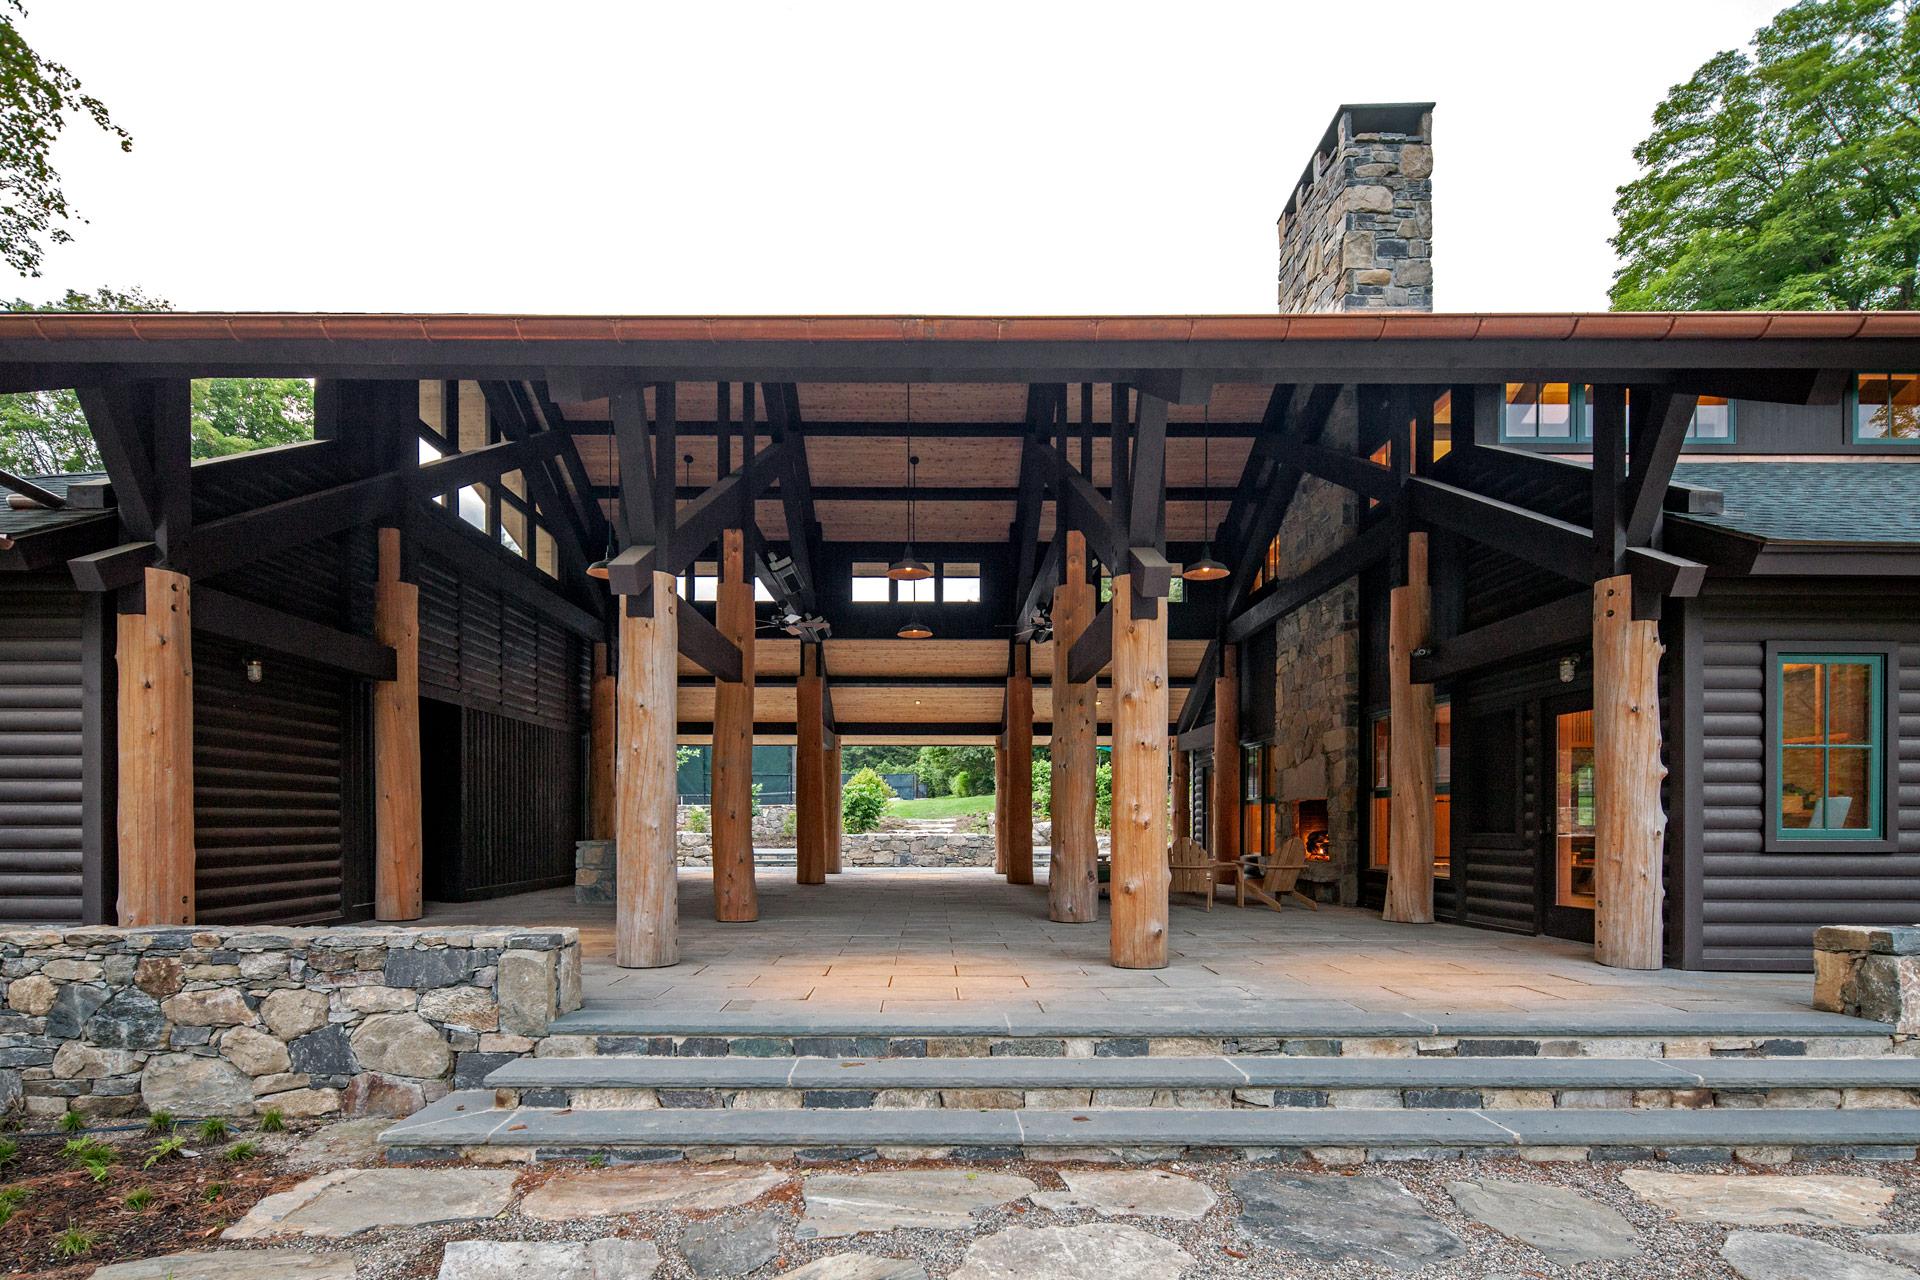 Private Club home design ideas